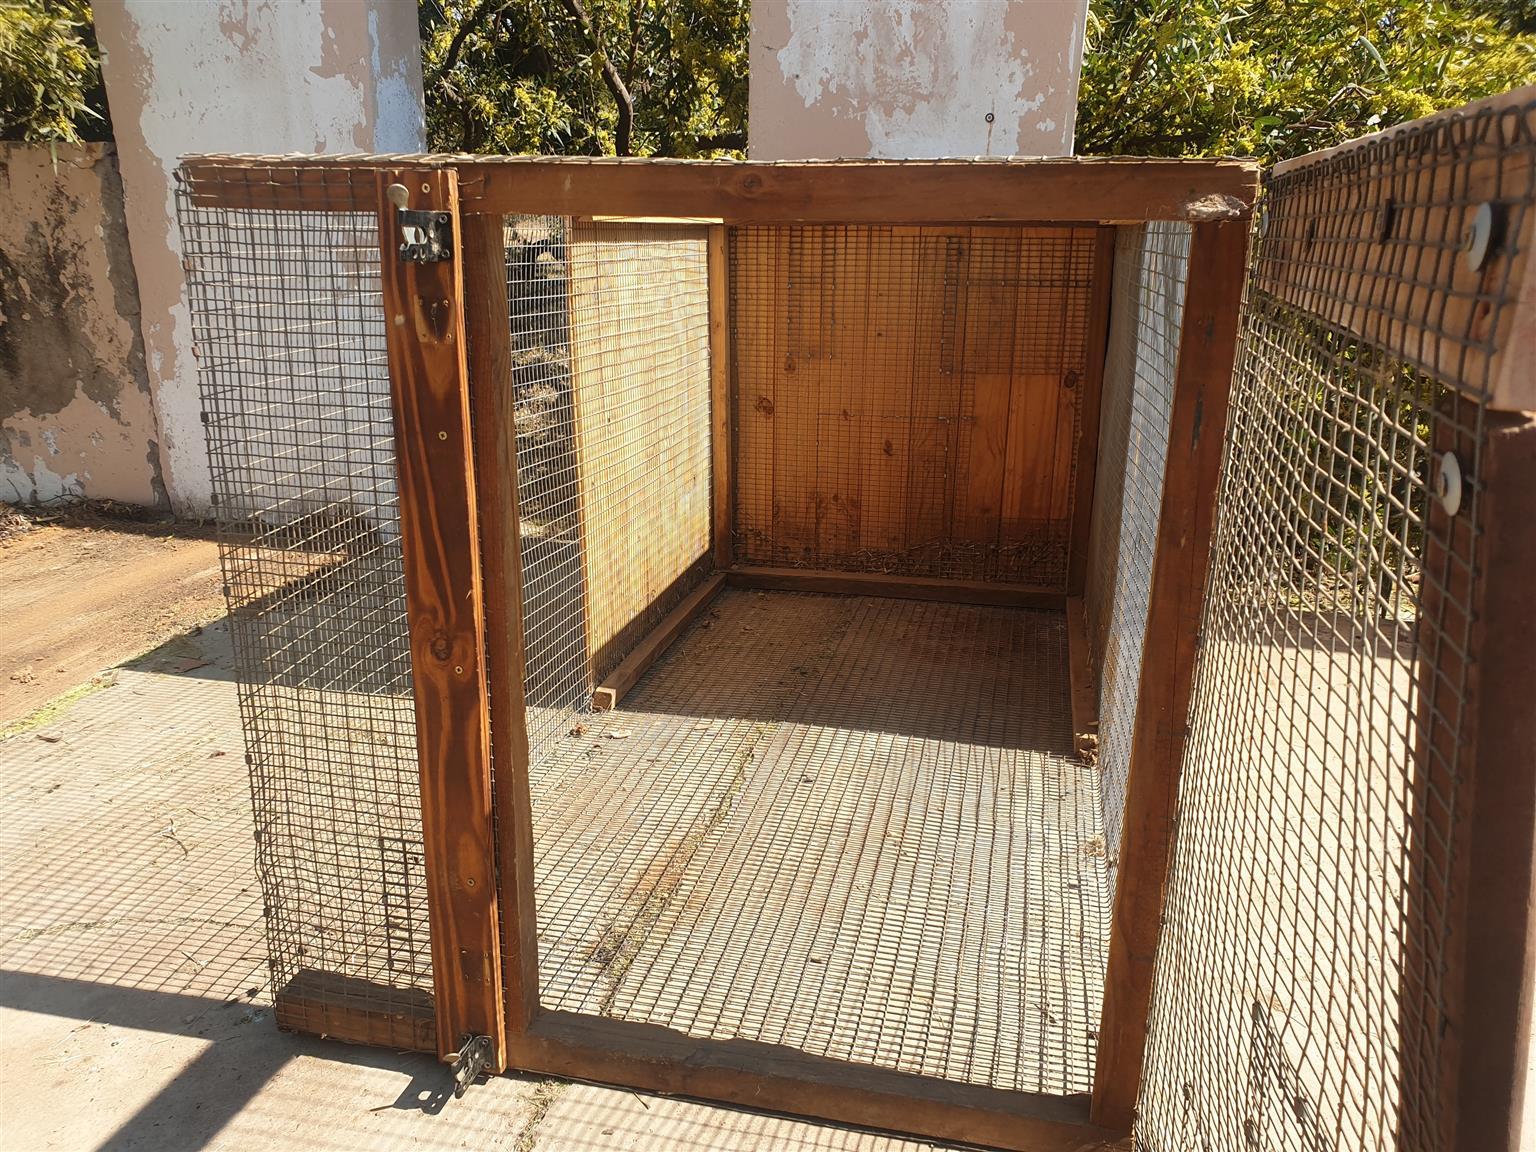 Mesh pet cages